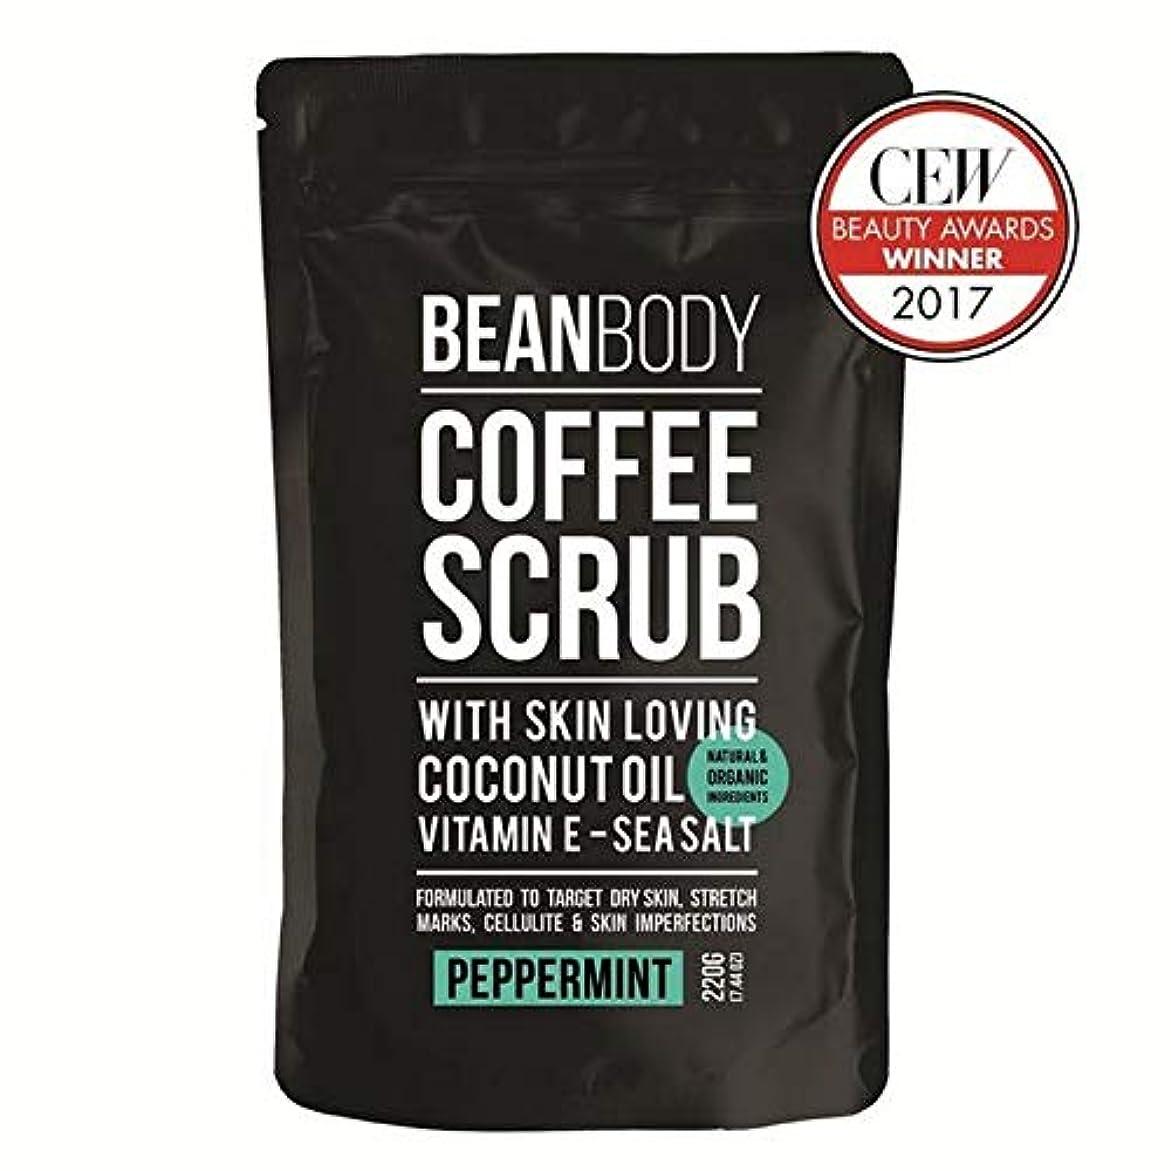 サイレントロボットクラブ[Bean Body ] 豆のボディコーヒースクラブ、ペパーミント220グラム - Bean Body Coffee Scrub, Peppermint 220g [並行輸入品]